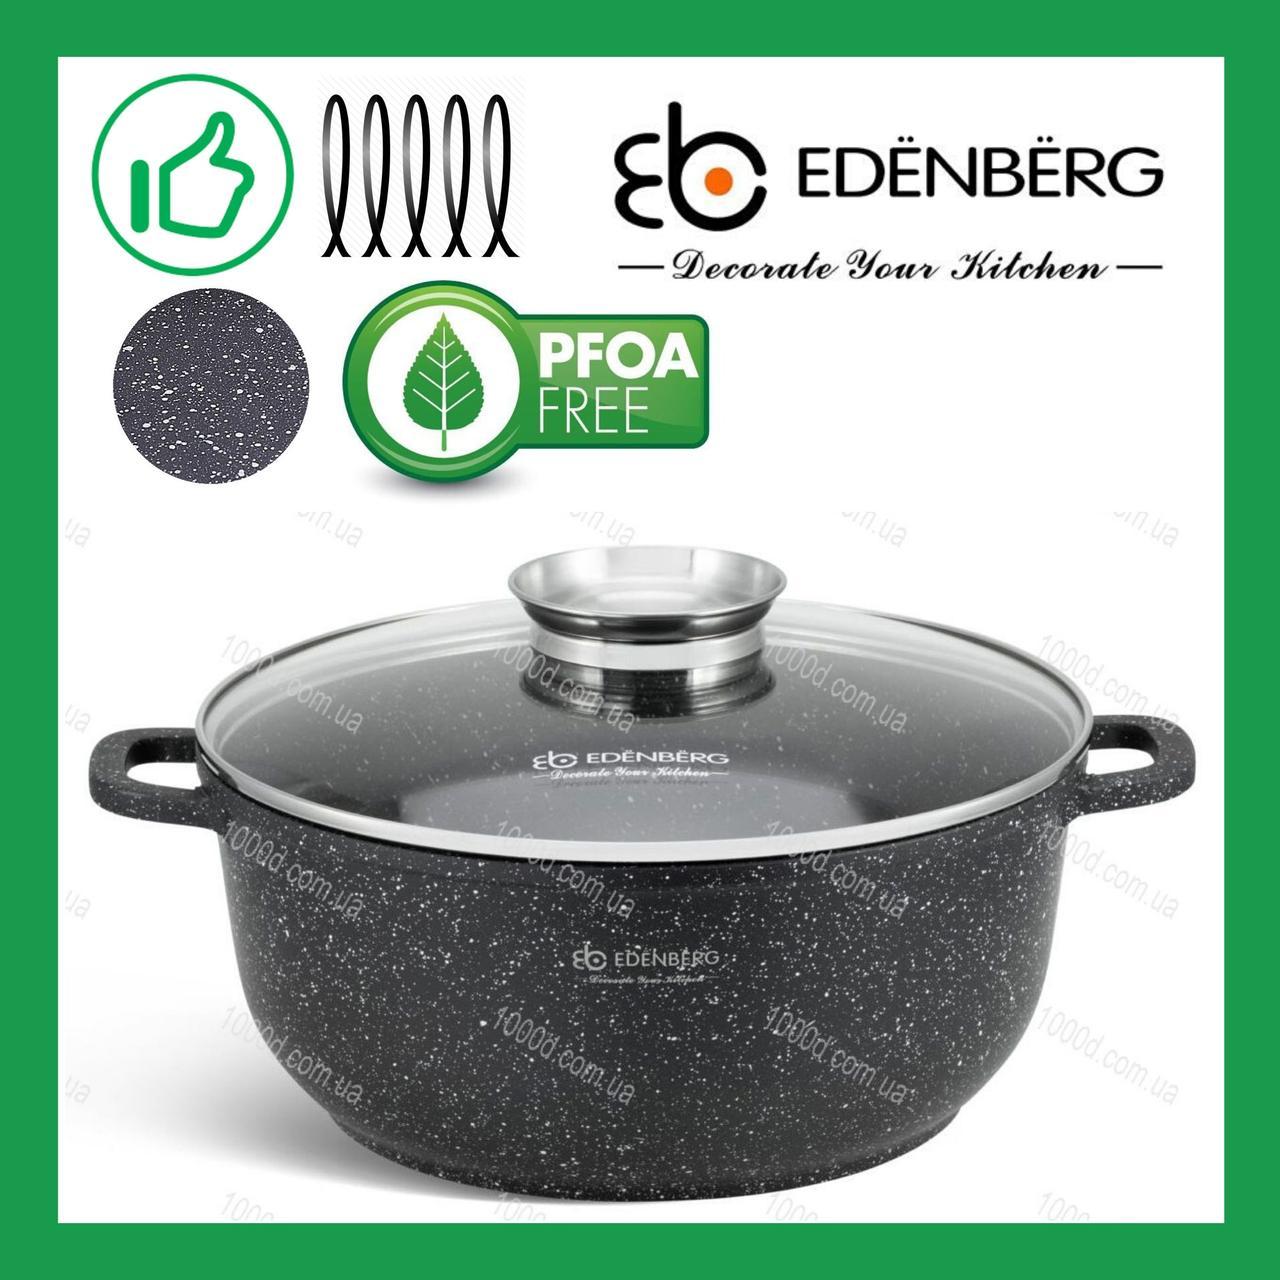 Кастрюля-казан Edenberg 3.3 л из литого алюминия с мраморным антипригарным покрытием и крышкой 22см (EB-8117)